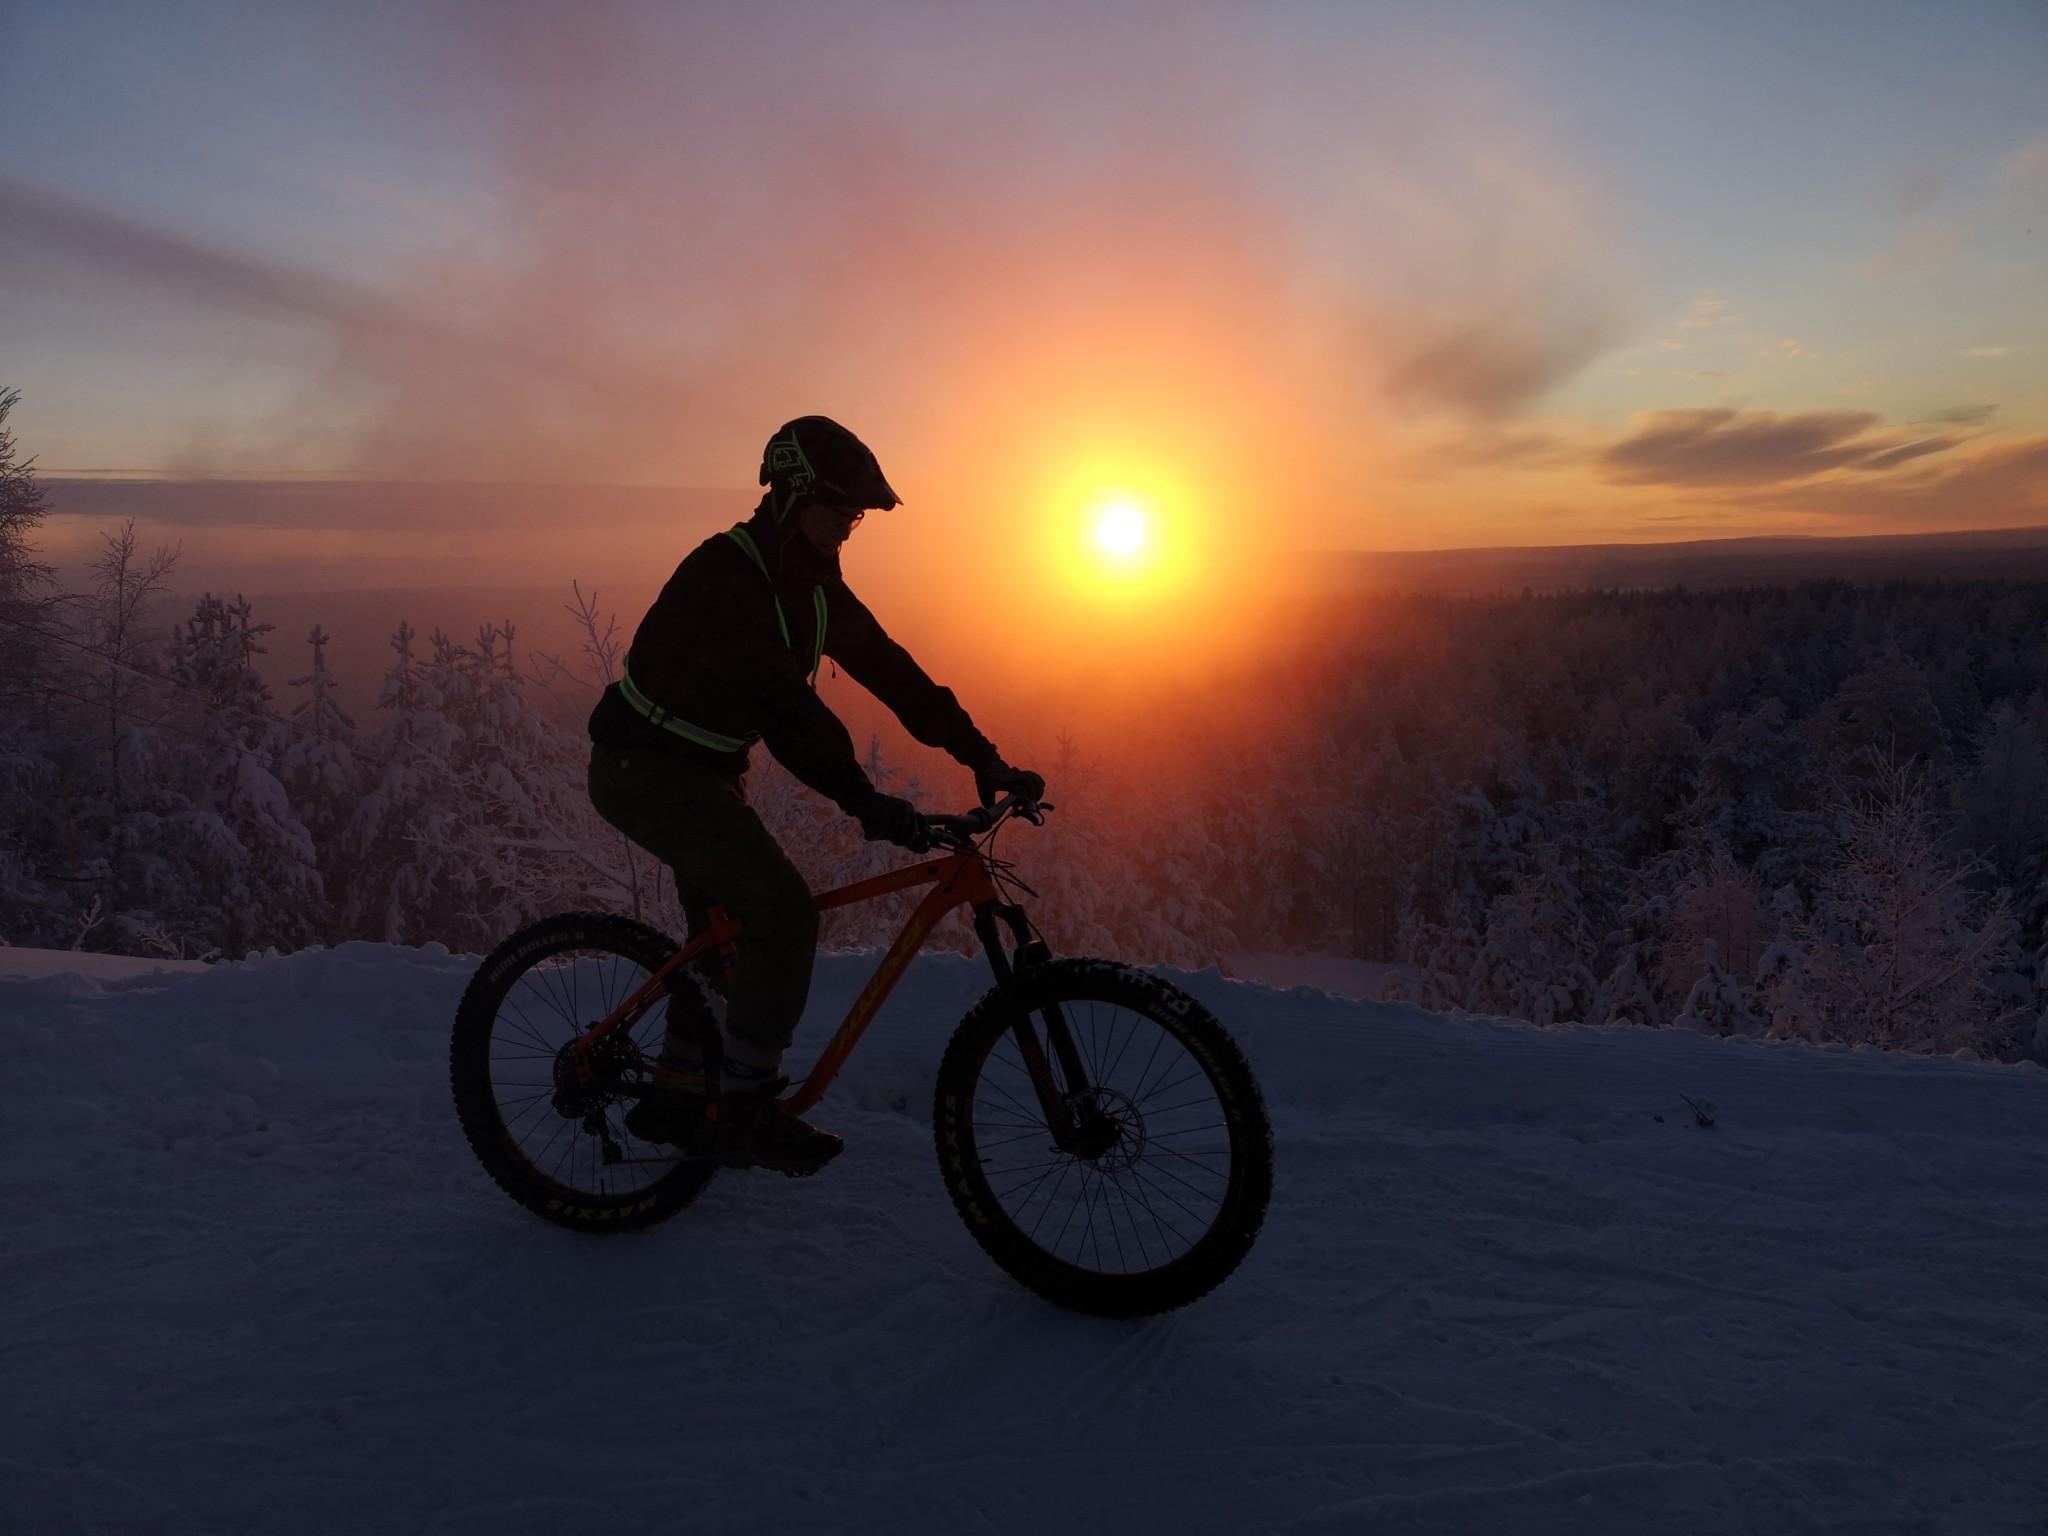 Kohteenanaailma Talviloma Rovaniemellä - Lappi alkaa Ounasvaaralta (8)